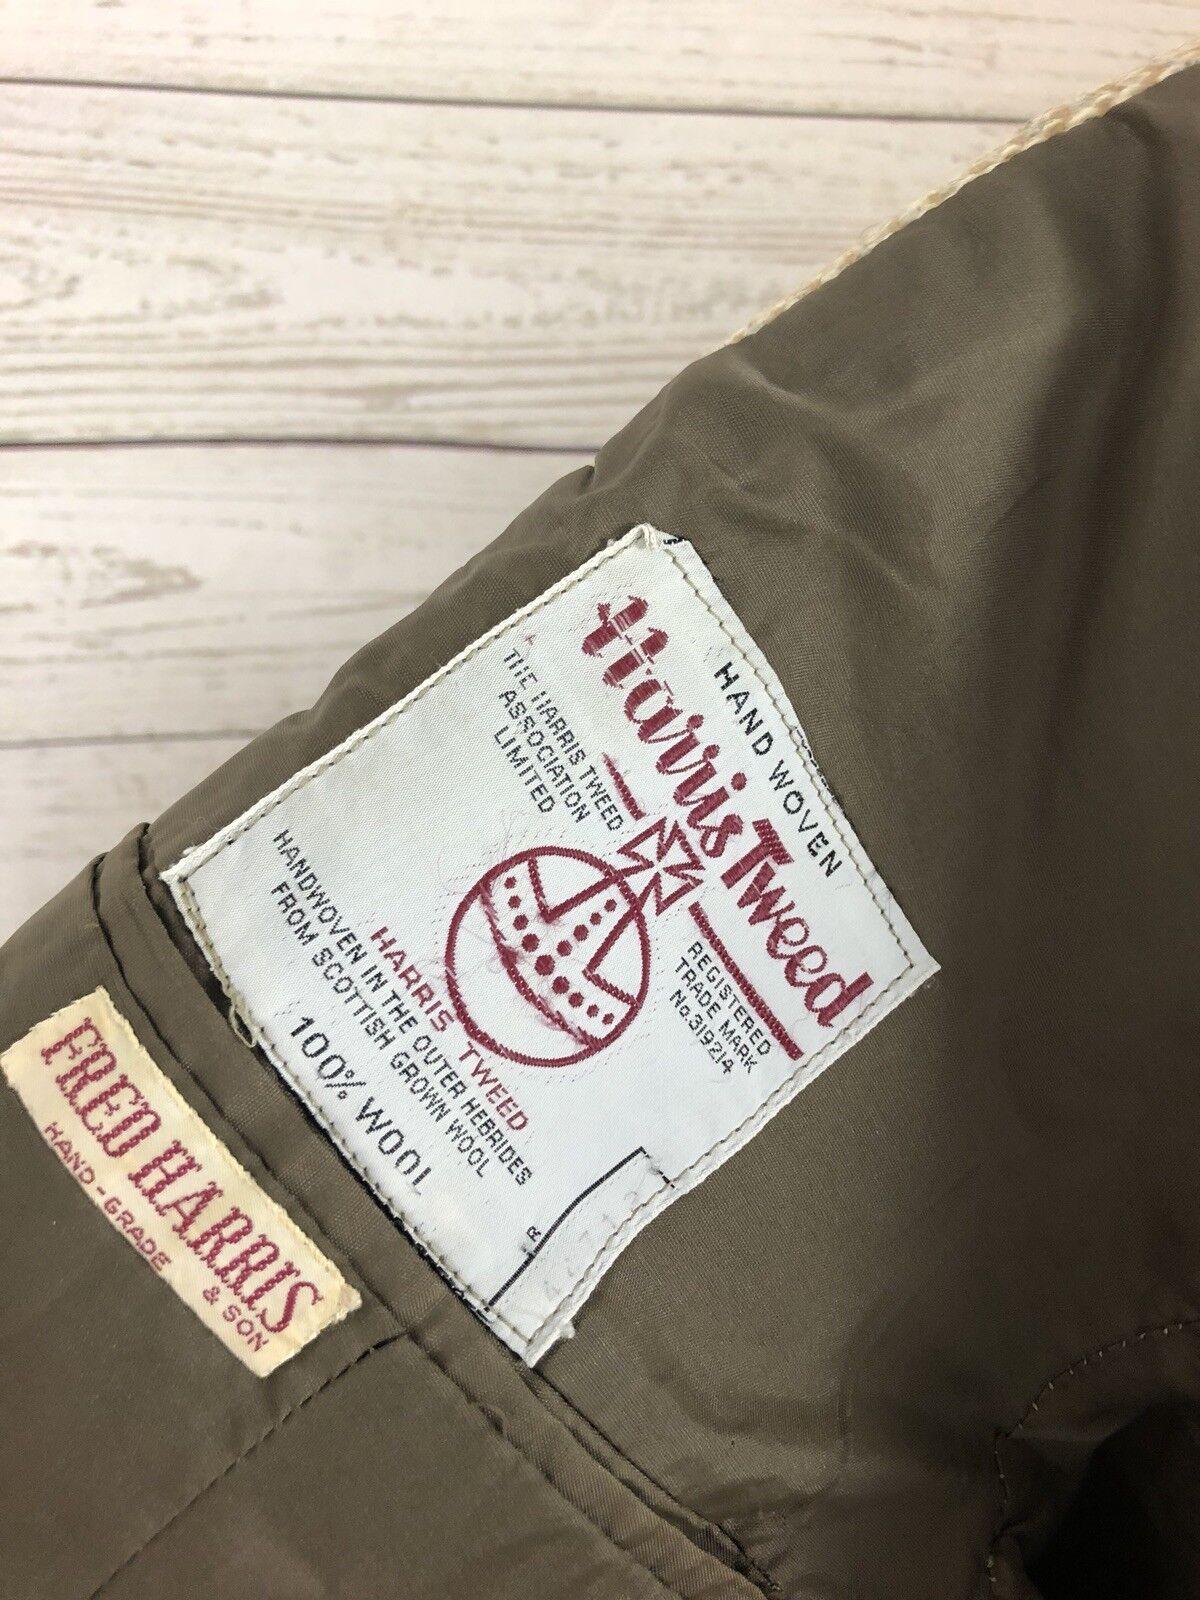 Harris Tweed Chaqueta Blazer - 40R-Crema-Lana-Excelente 40R-Crema-Lana-Excelente 40R-Crema-Lana-Excelente Estado-Para Hombre 5db34c